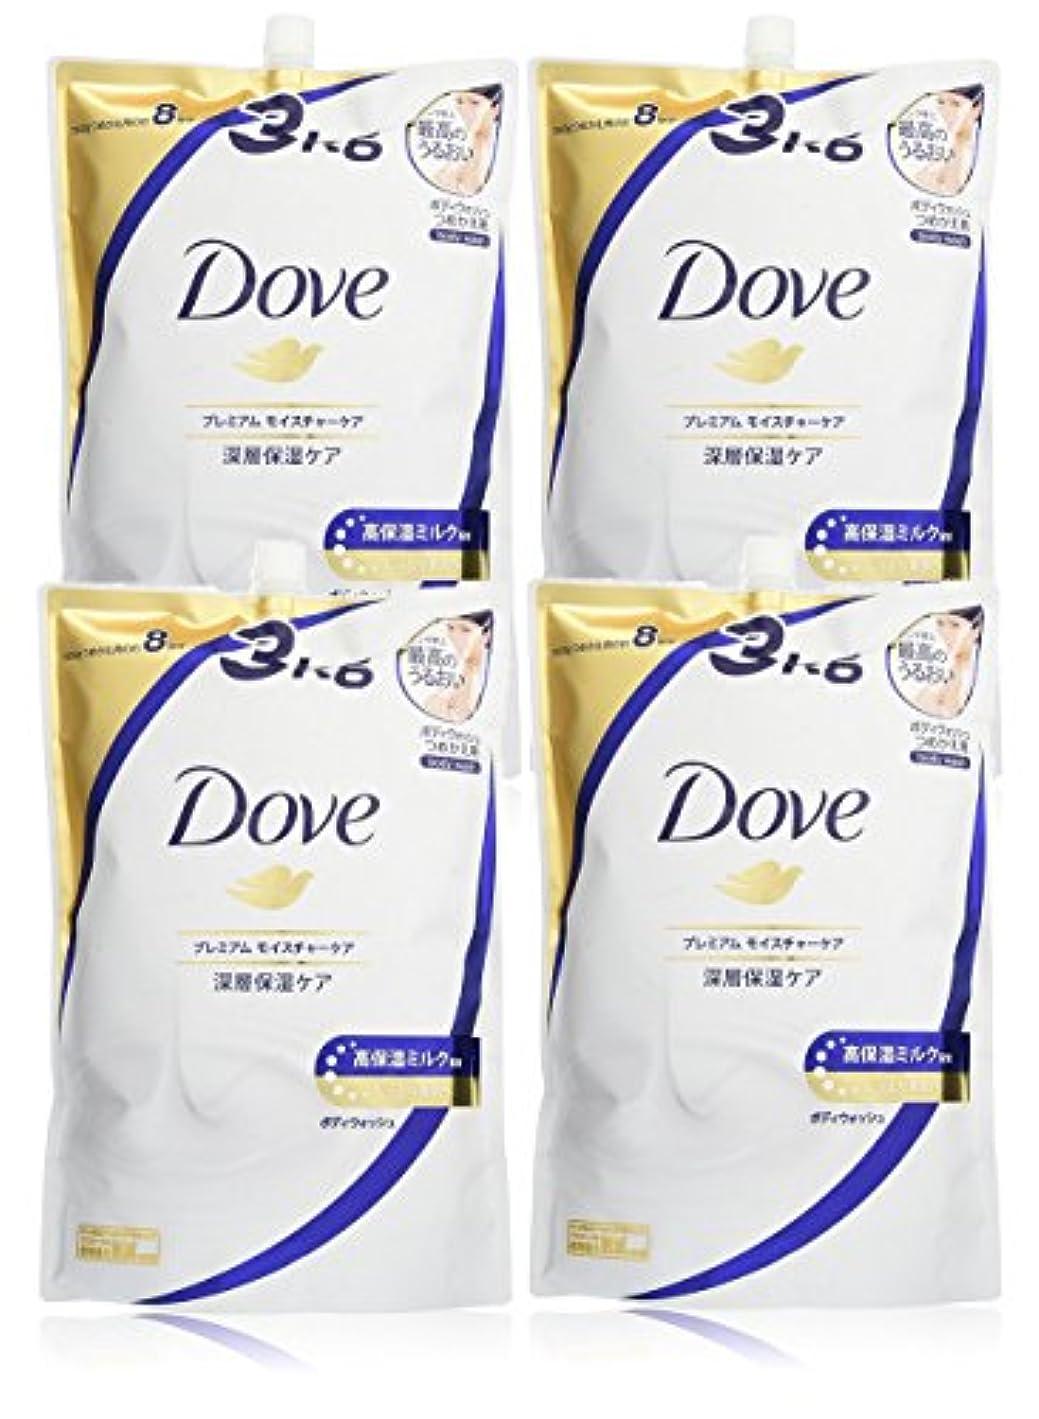 人口影響する北へ【ケース販売】 Dove(ダヴ) ボディウォッシュ プレミアム モイスチャーケア つめかえ用 3kg×4個